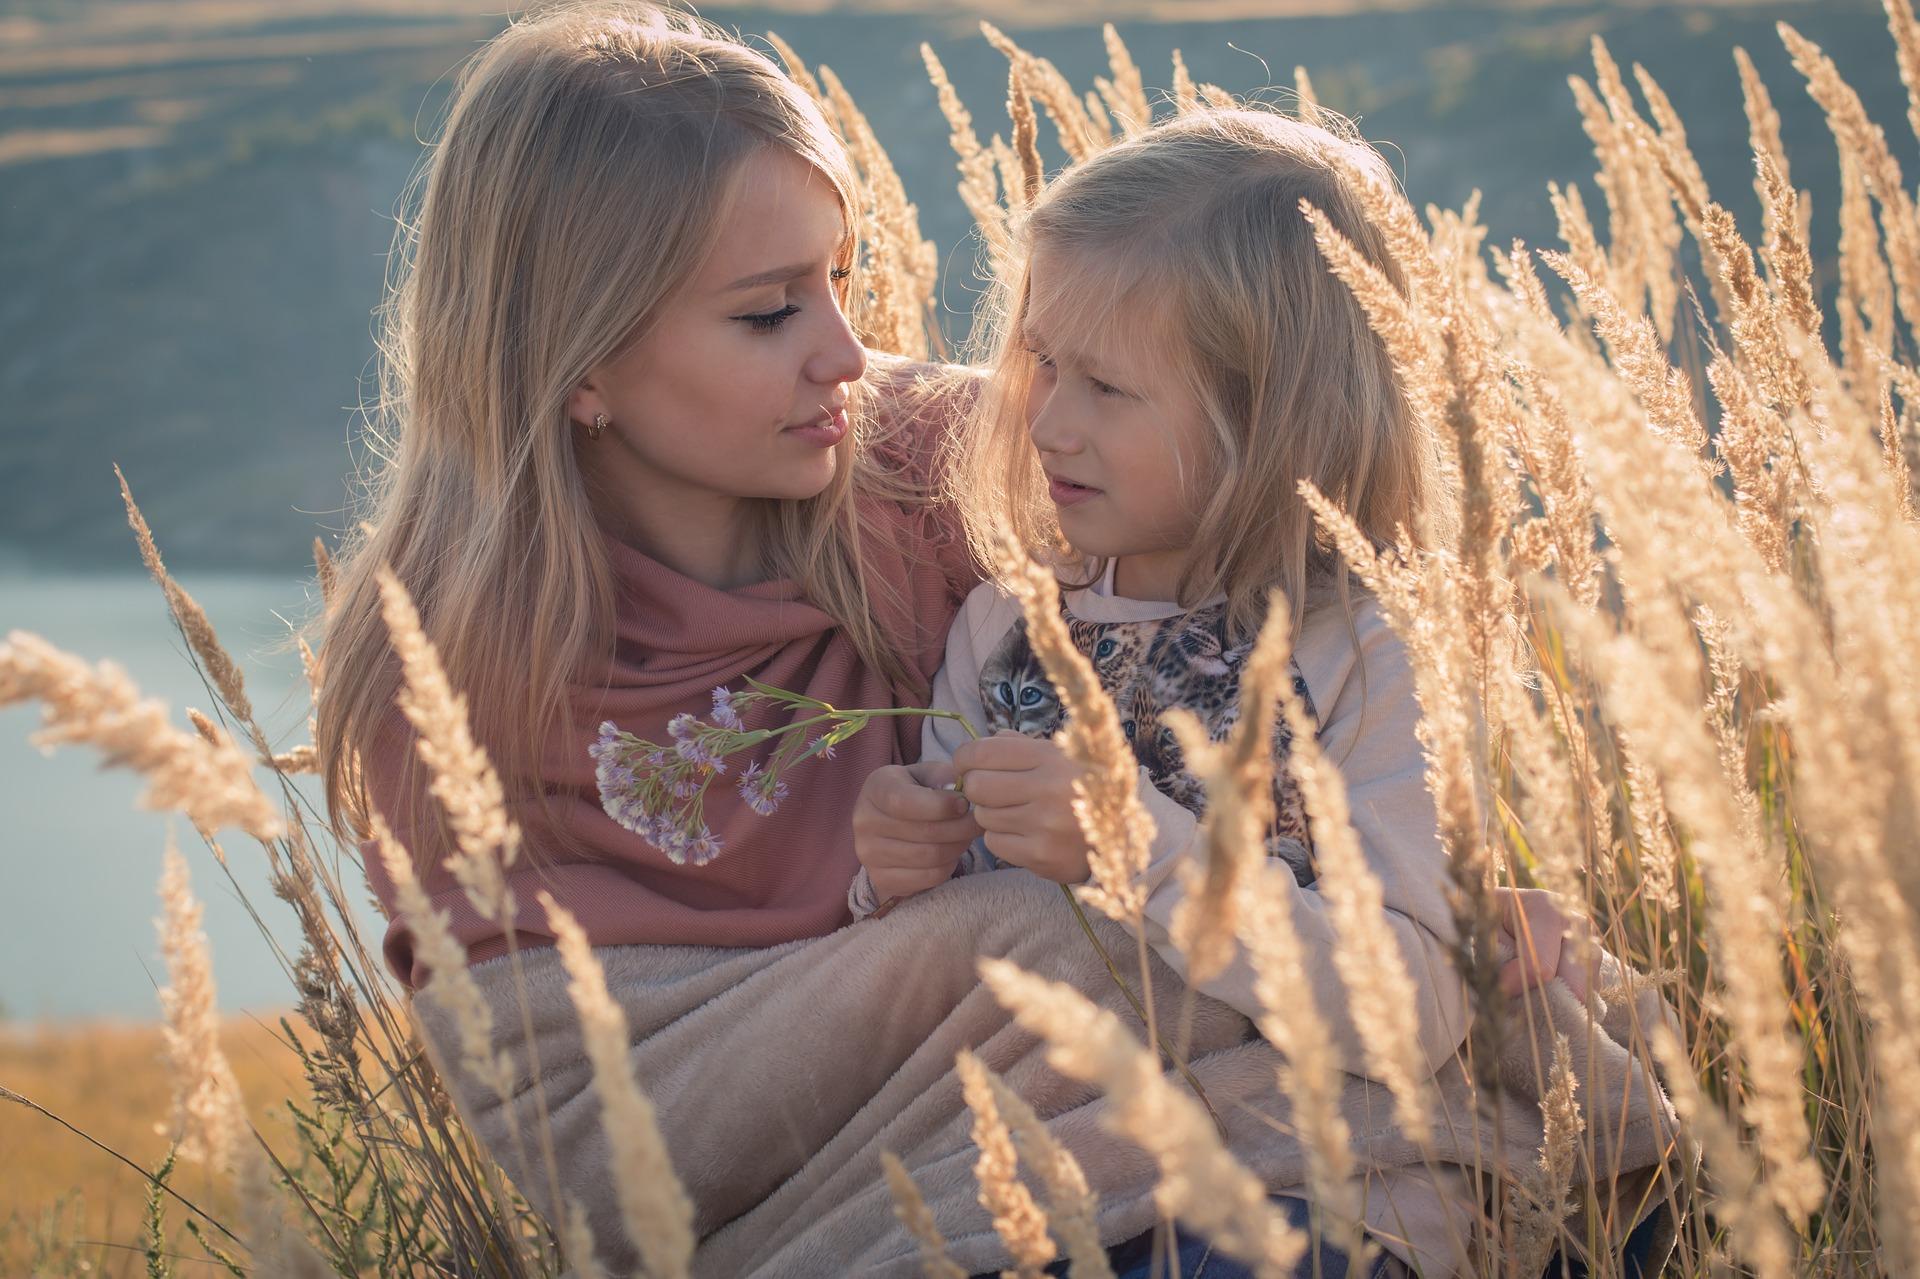 Konsekwencja w wychowaniu jest kluczowa dla rozwoju dziecka.